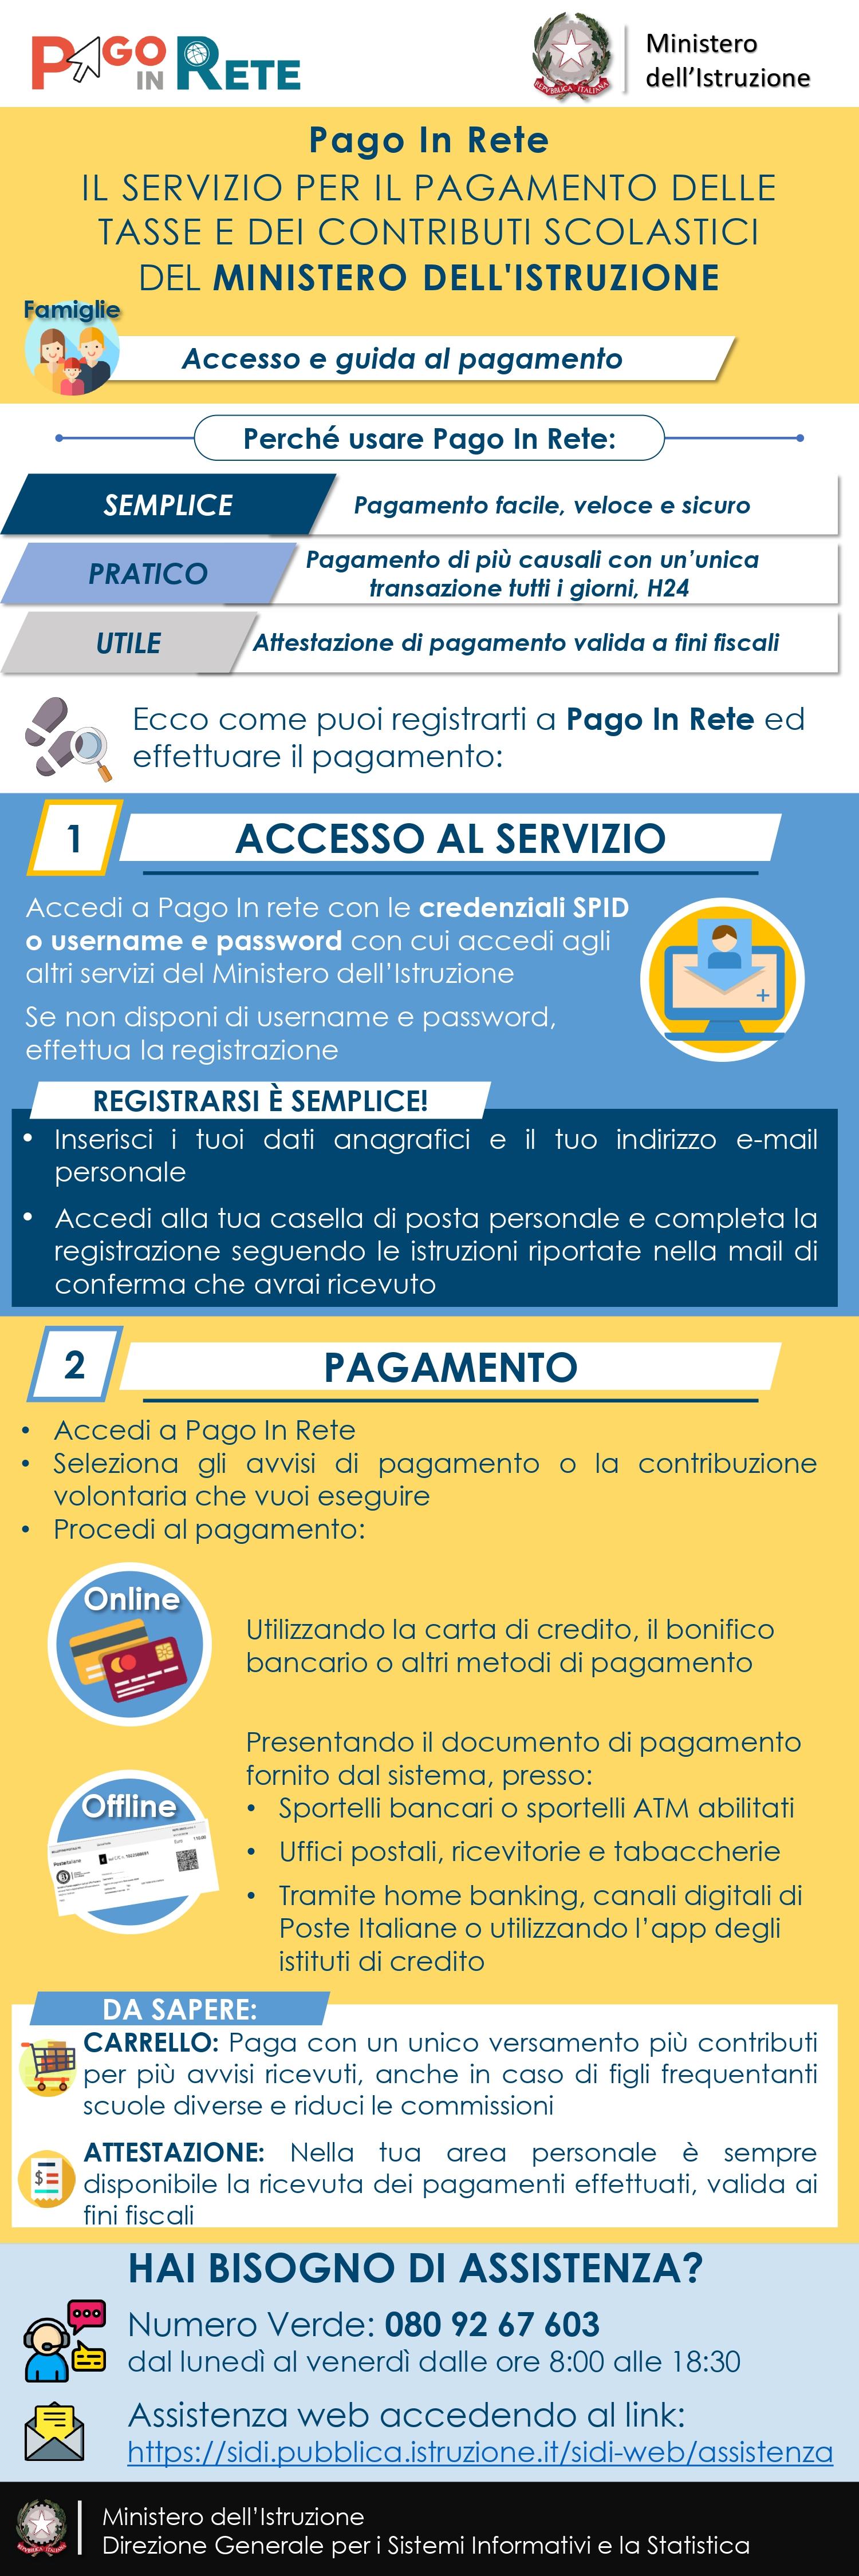 infograficaaccesso_guida_pagamento_page-0001